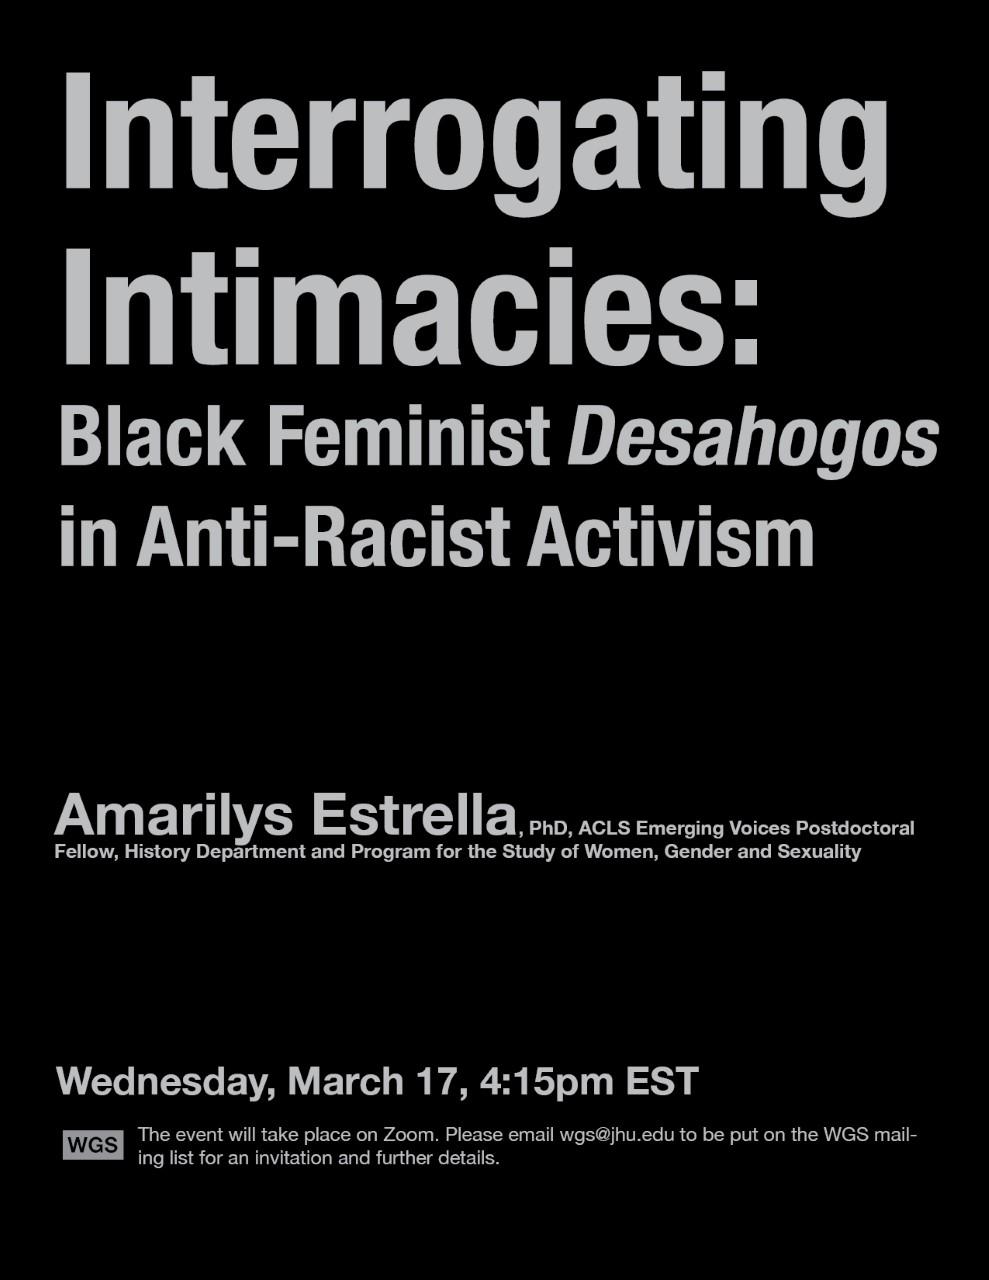 March 17, 4:15pm: Amarilys Estrella – 'Interrogating Intimacies: Black Feminist Desahogos in Anti-Racist Activism'